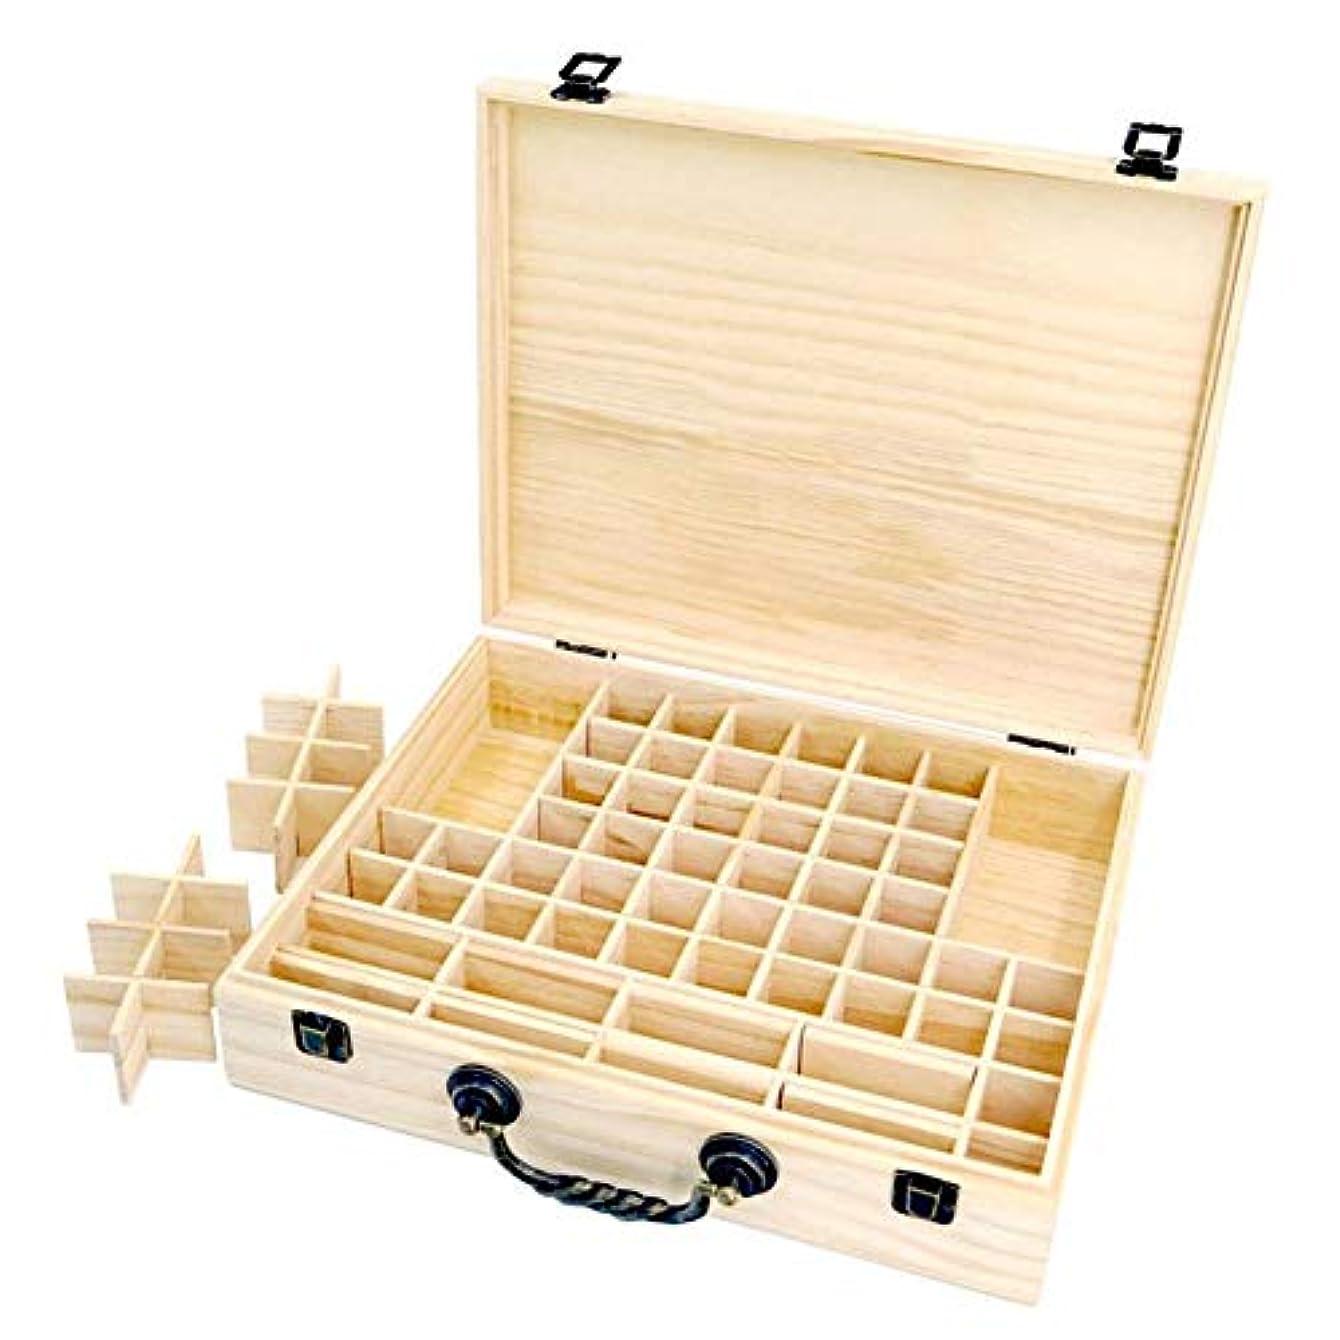 汚染する溶けた起業家エッセンシャルオイル収納ボックス 収納ケース 保存ボックス パイン製 取り外し可能なメッシュ 70グリッド 持ち運び便利 junexi